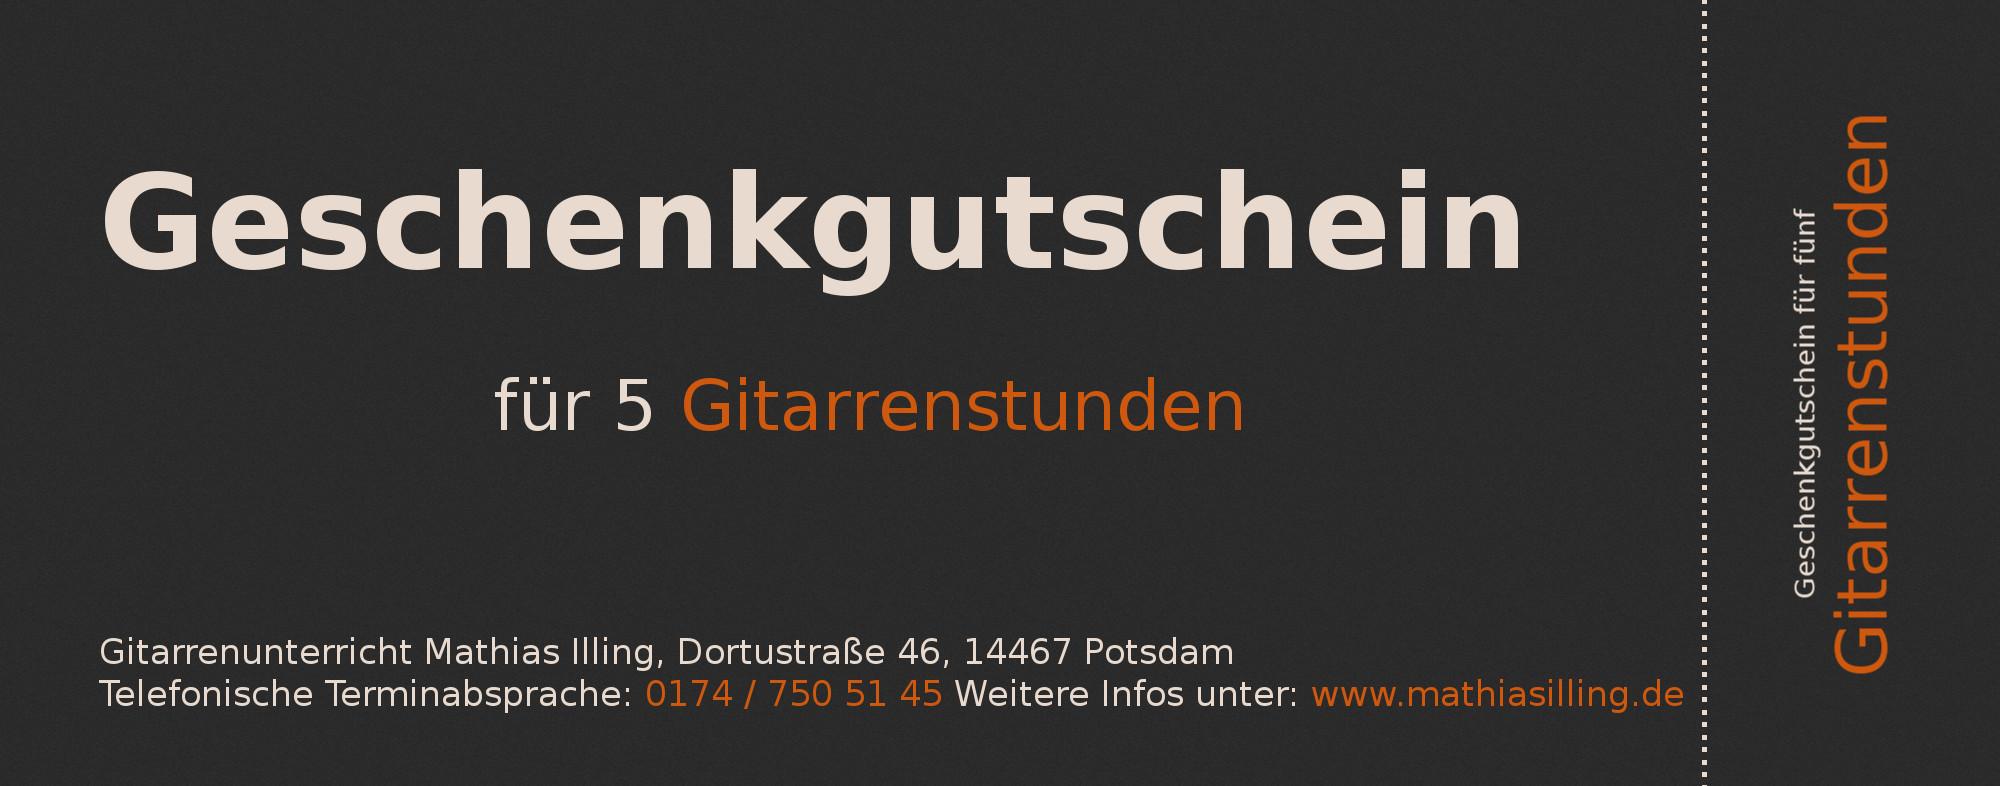 Geschenkgutschein für fünf Gitarrenstunden in Potsdam, Geschenkidee, Geschenk für Potsdam